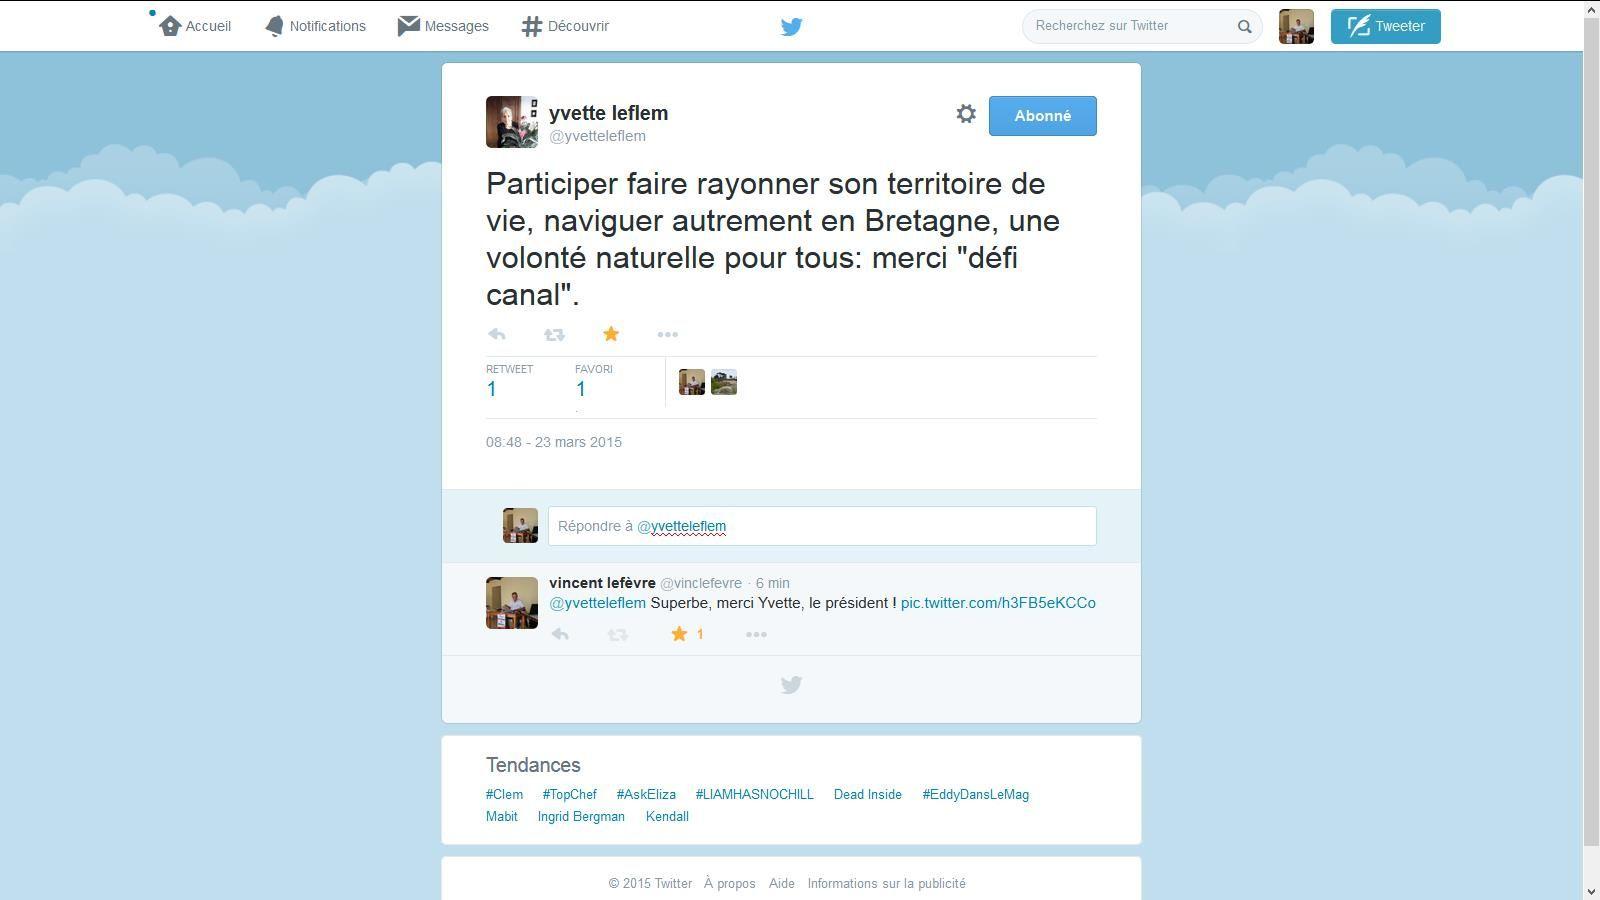 Yvette s'exprime sur Twitter !, merci à vous.